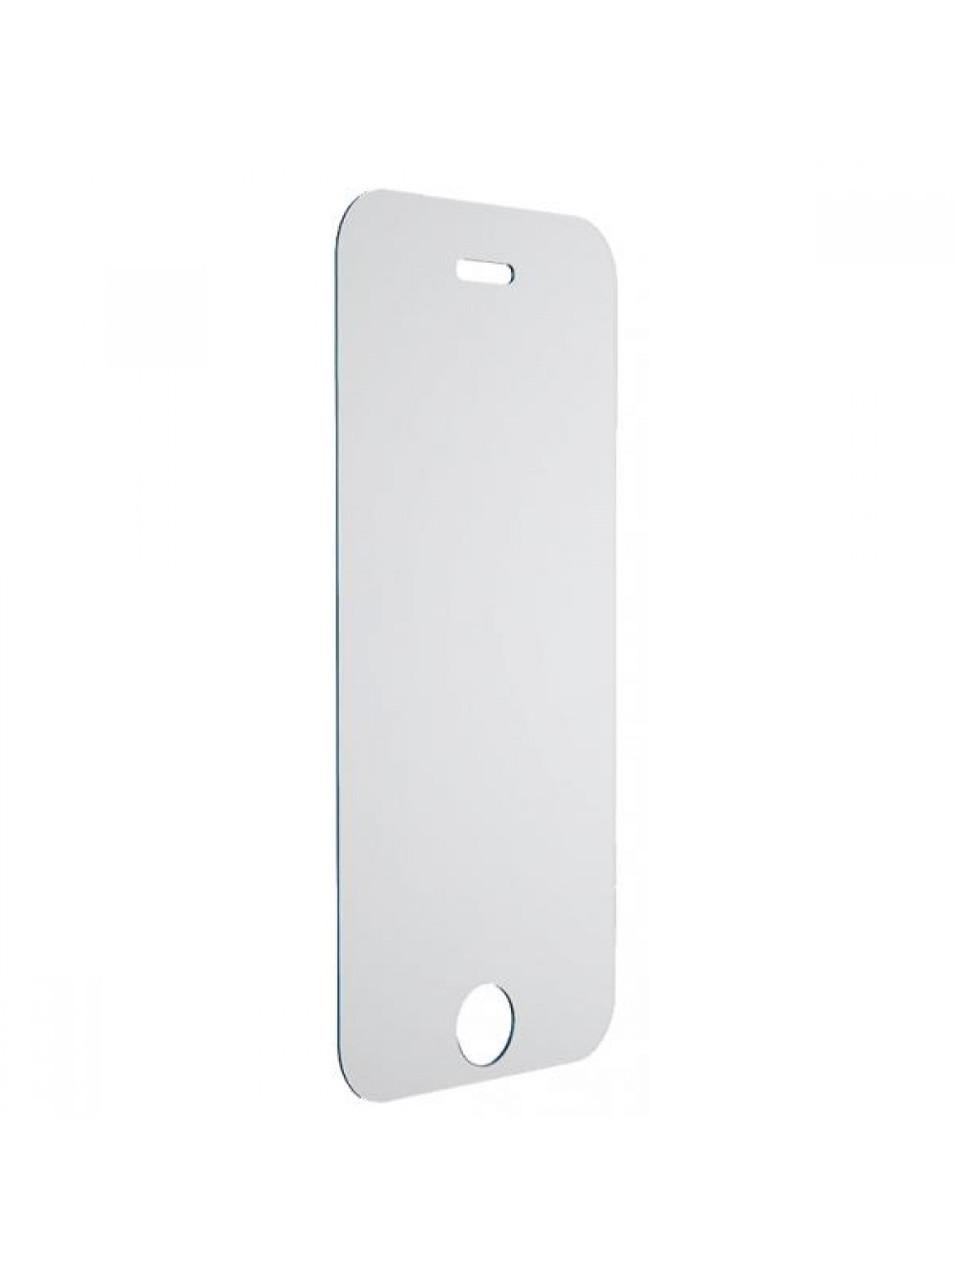 Защитное стекло 9H, 2,5D, 0,3mm для iPhone 4/4s